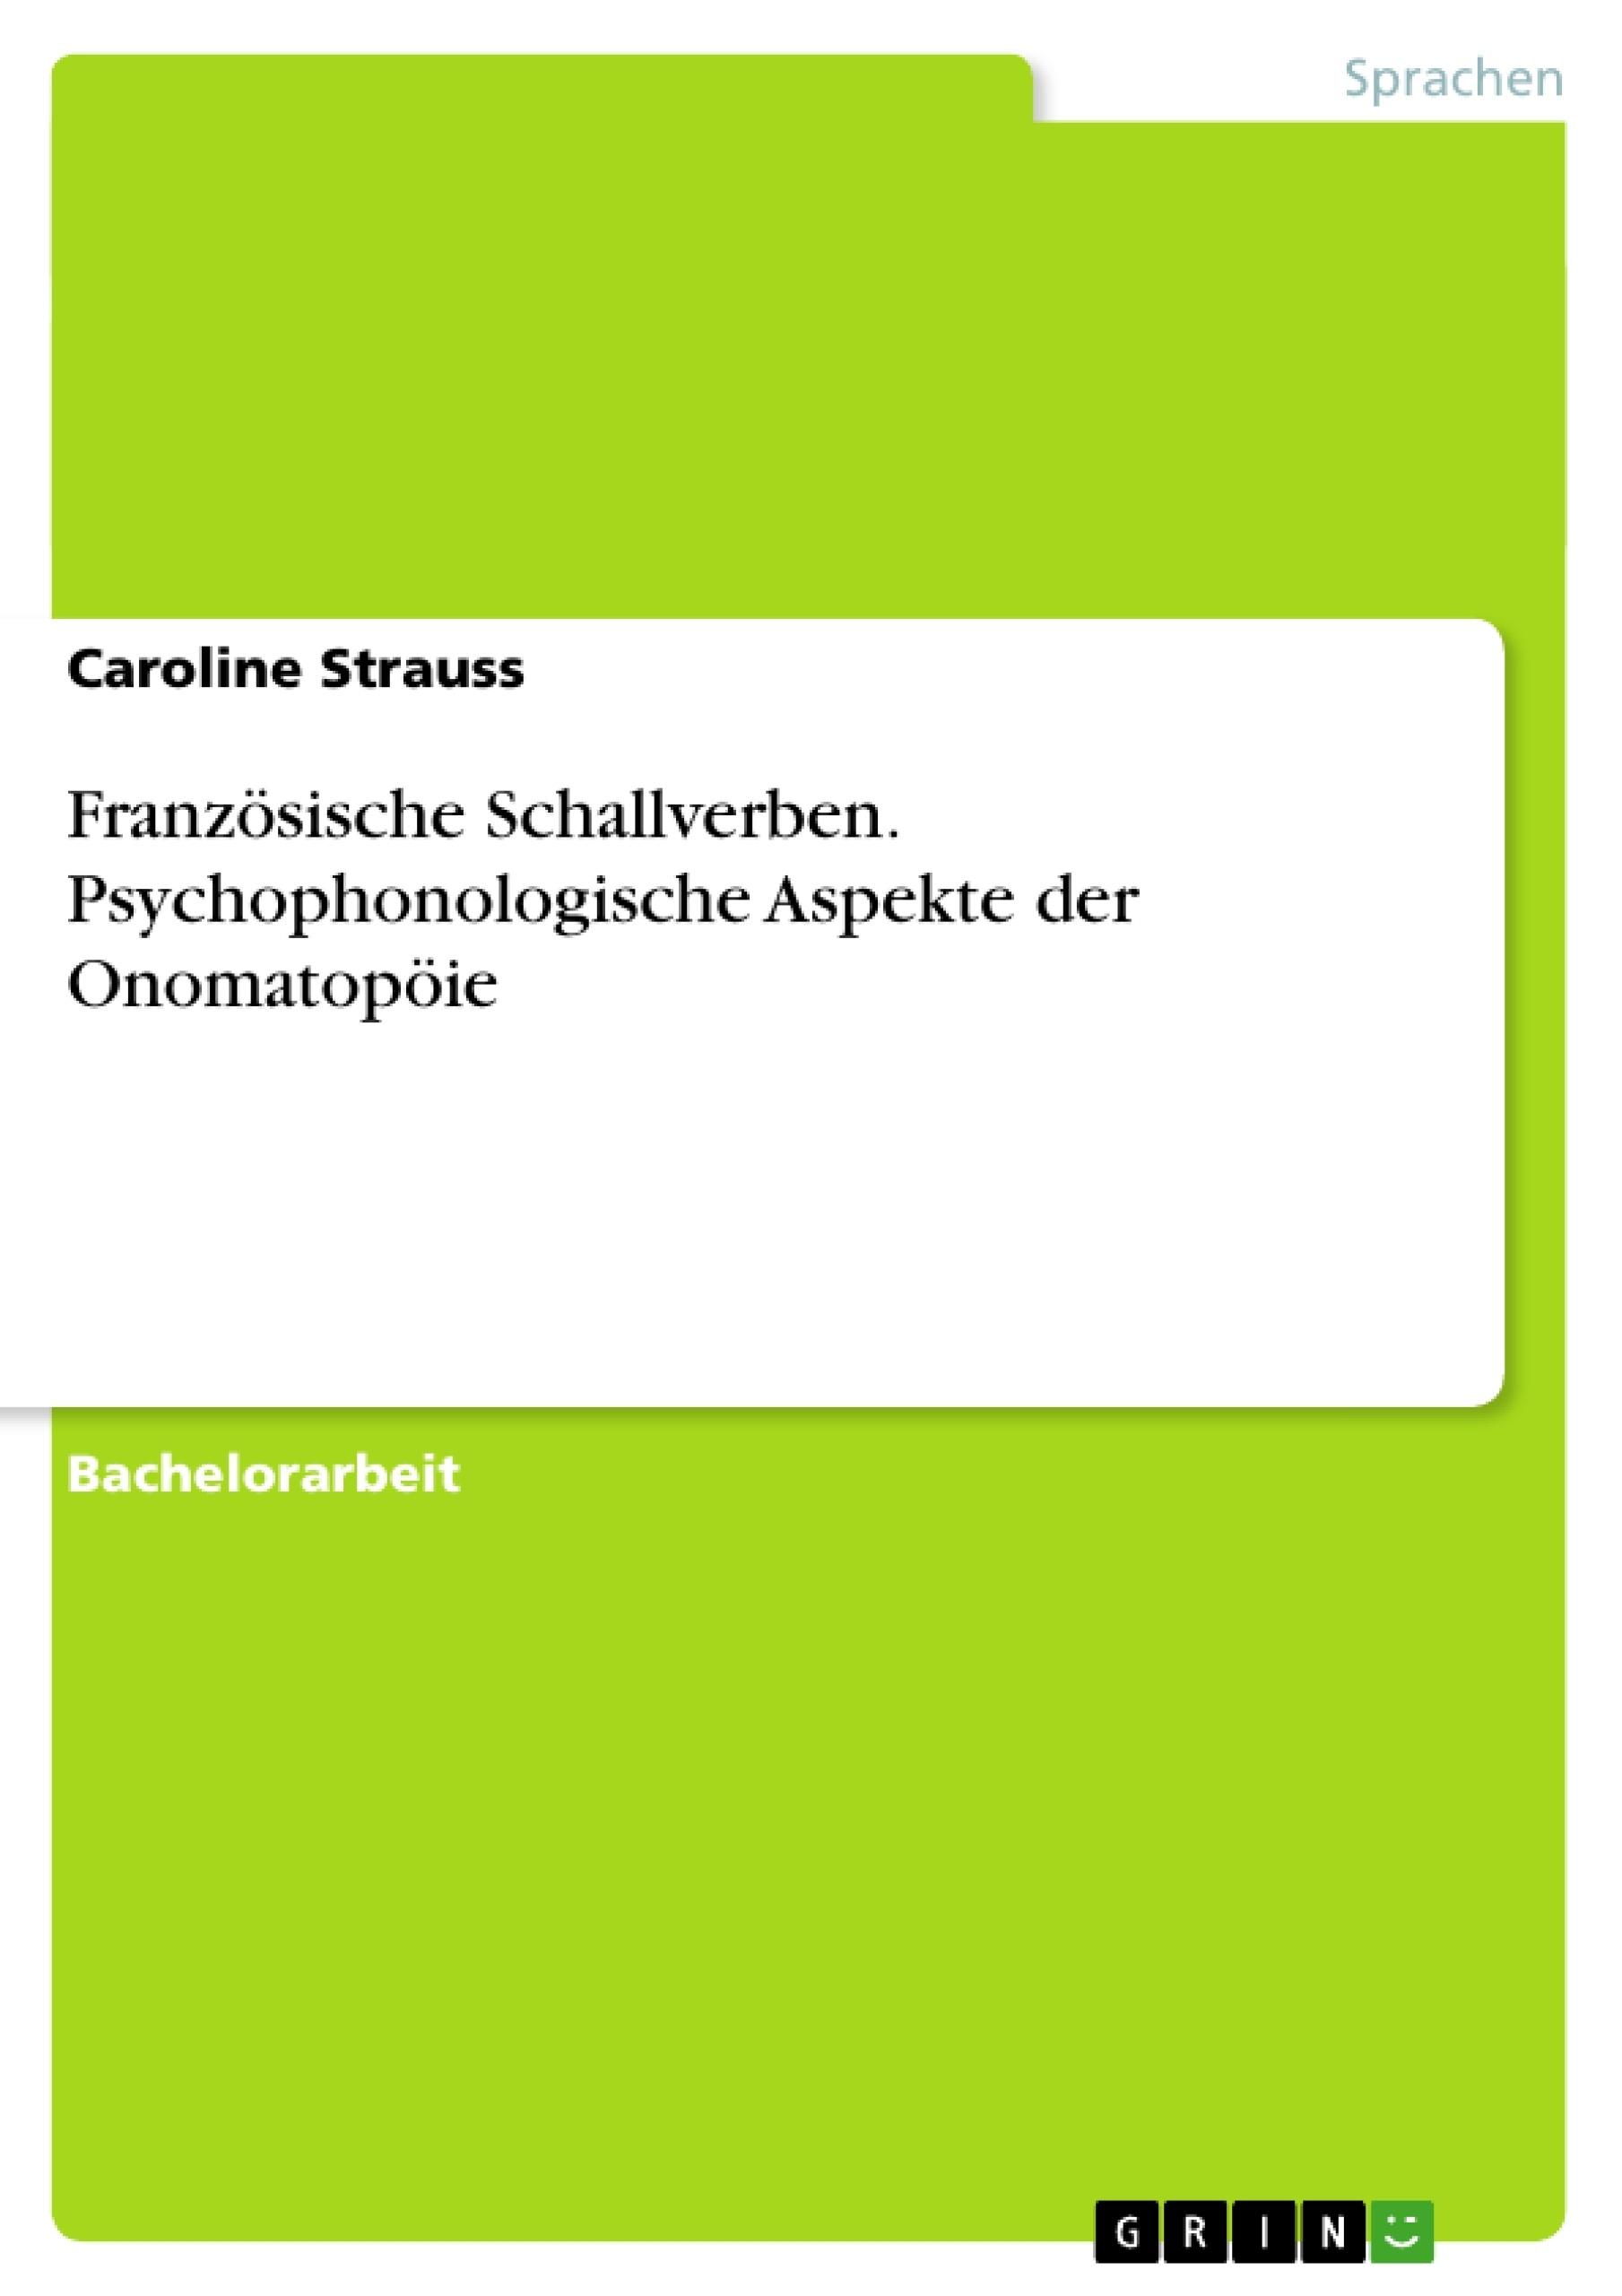 Titel: Französische Schallverben. Psychophonologische Aspekte der Onomatopöie